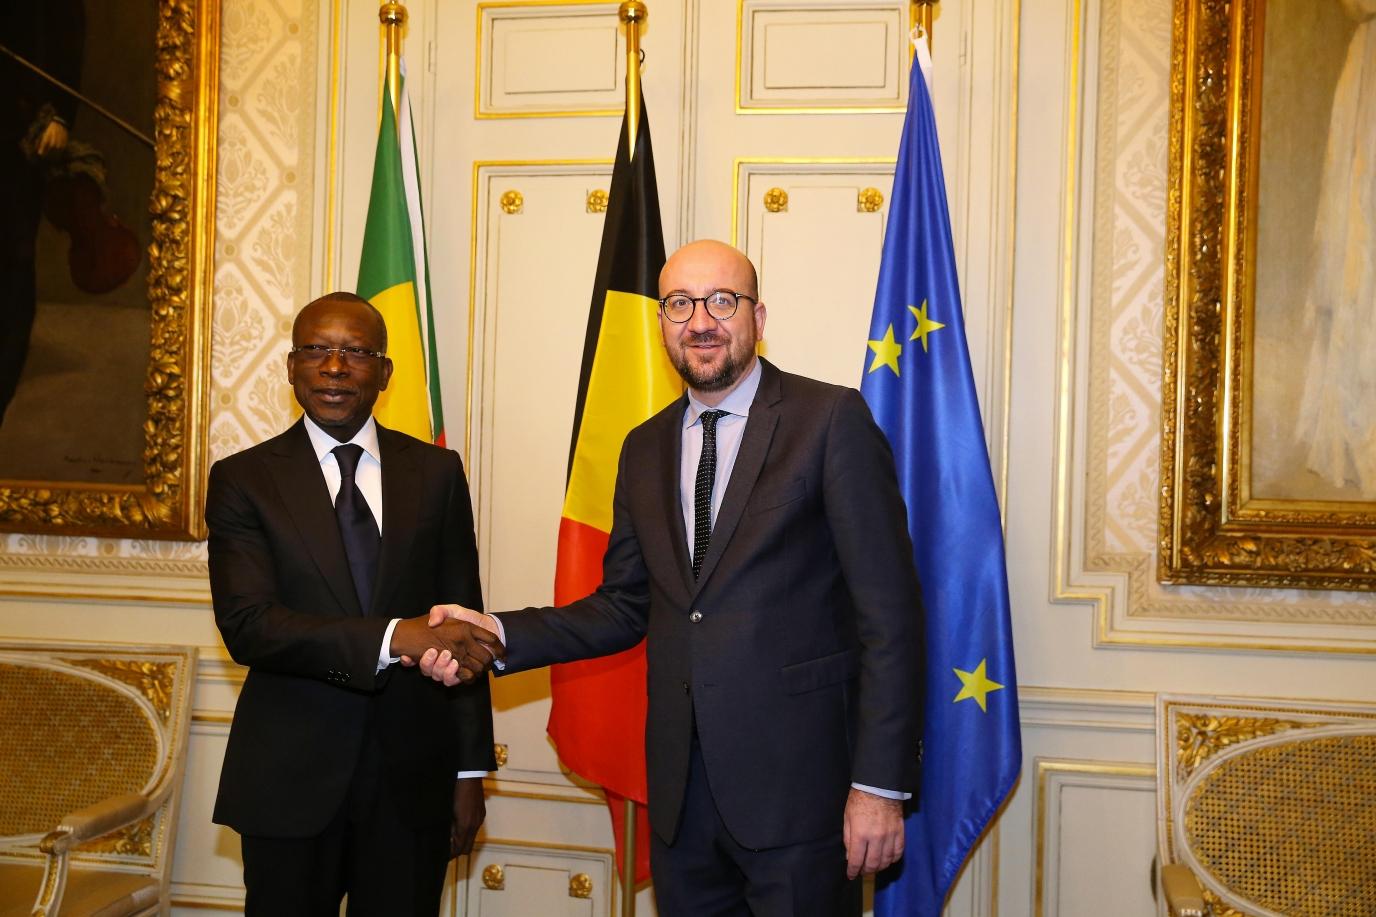 Rencontre entre le Chef de l'Etat et le Premier ministre belge, M. Charles Michel